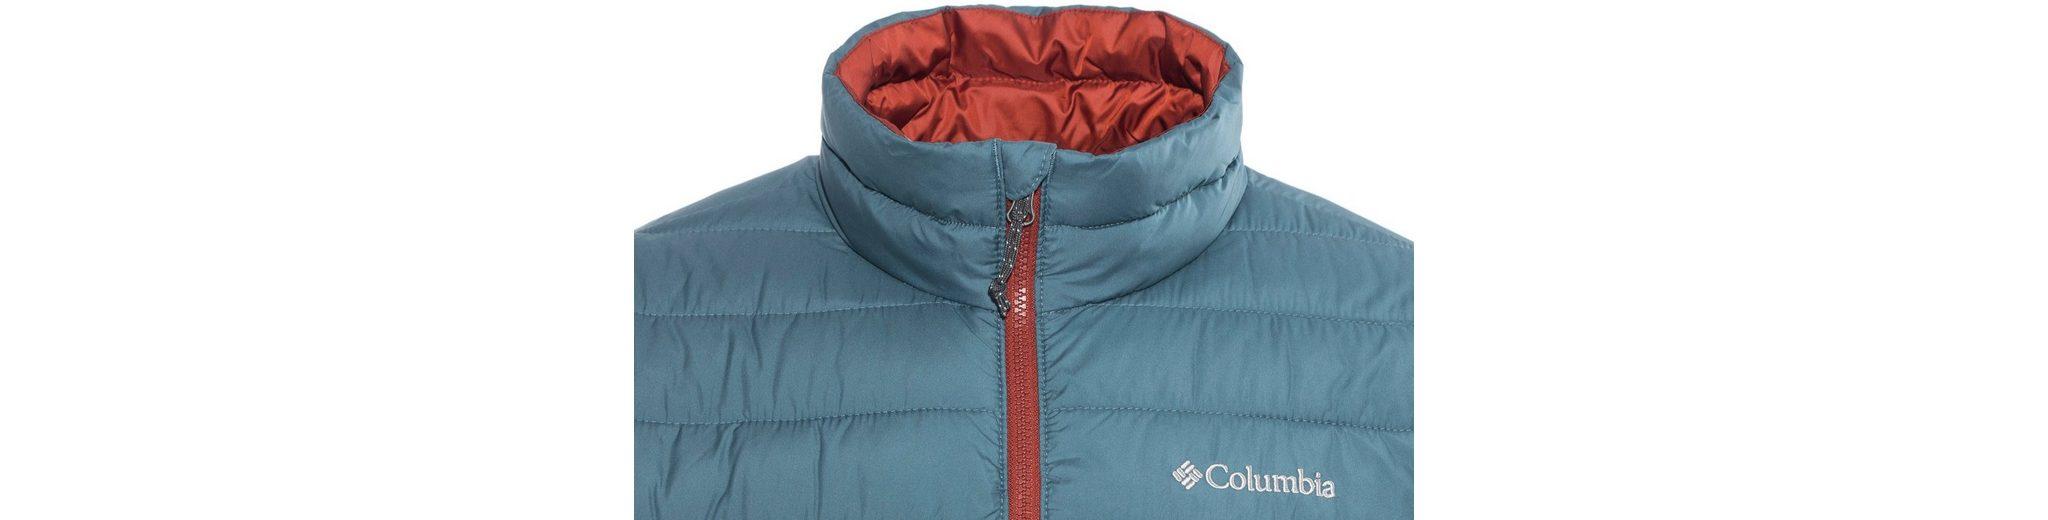 Columbia Outdoorjacke Powder Lite Jacket Men Günstig Kaufen Niedrigsten Preis tnFvu8b5L